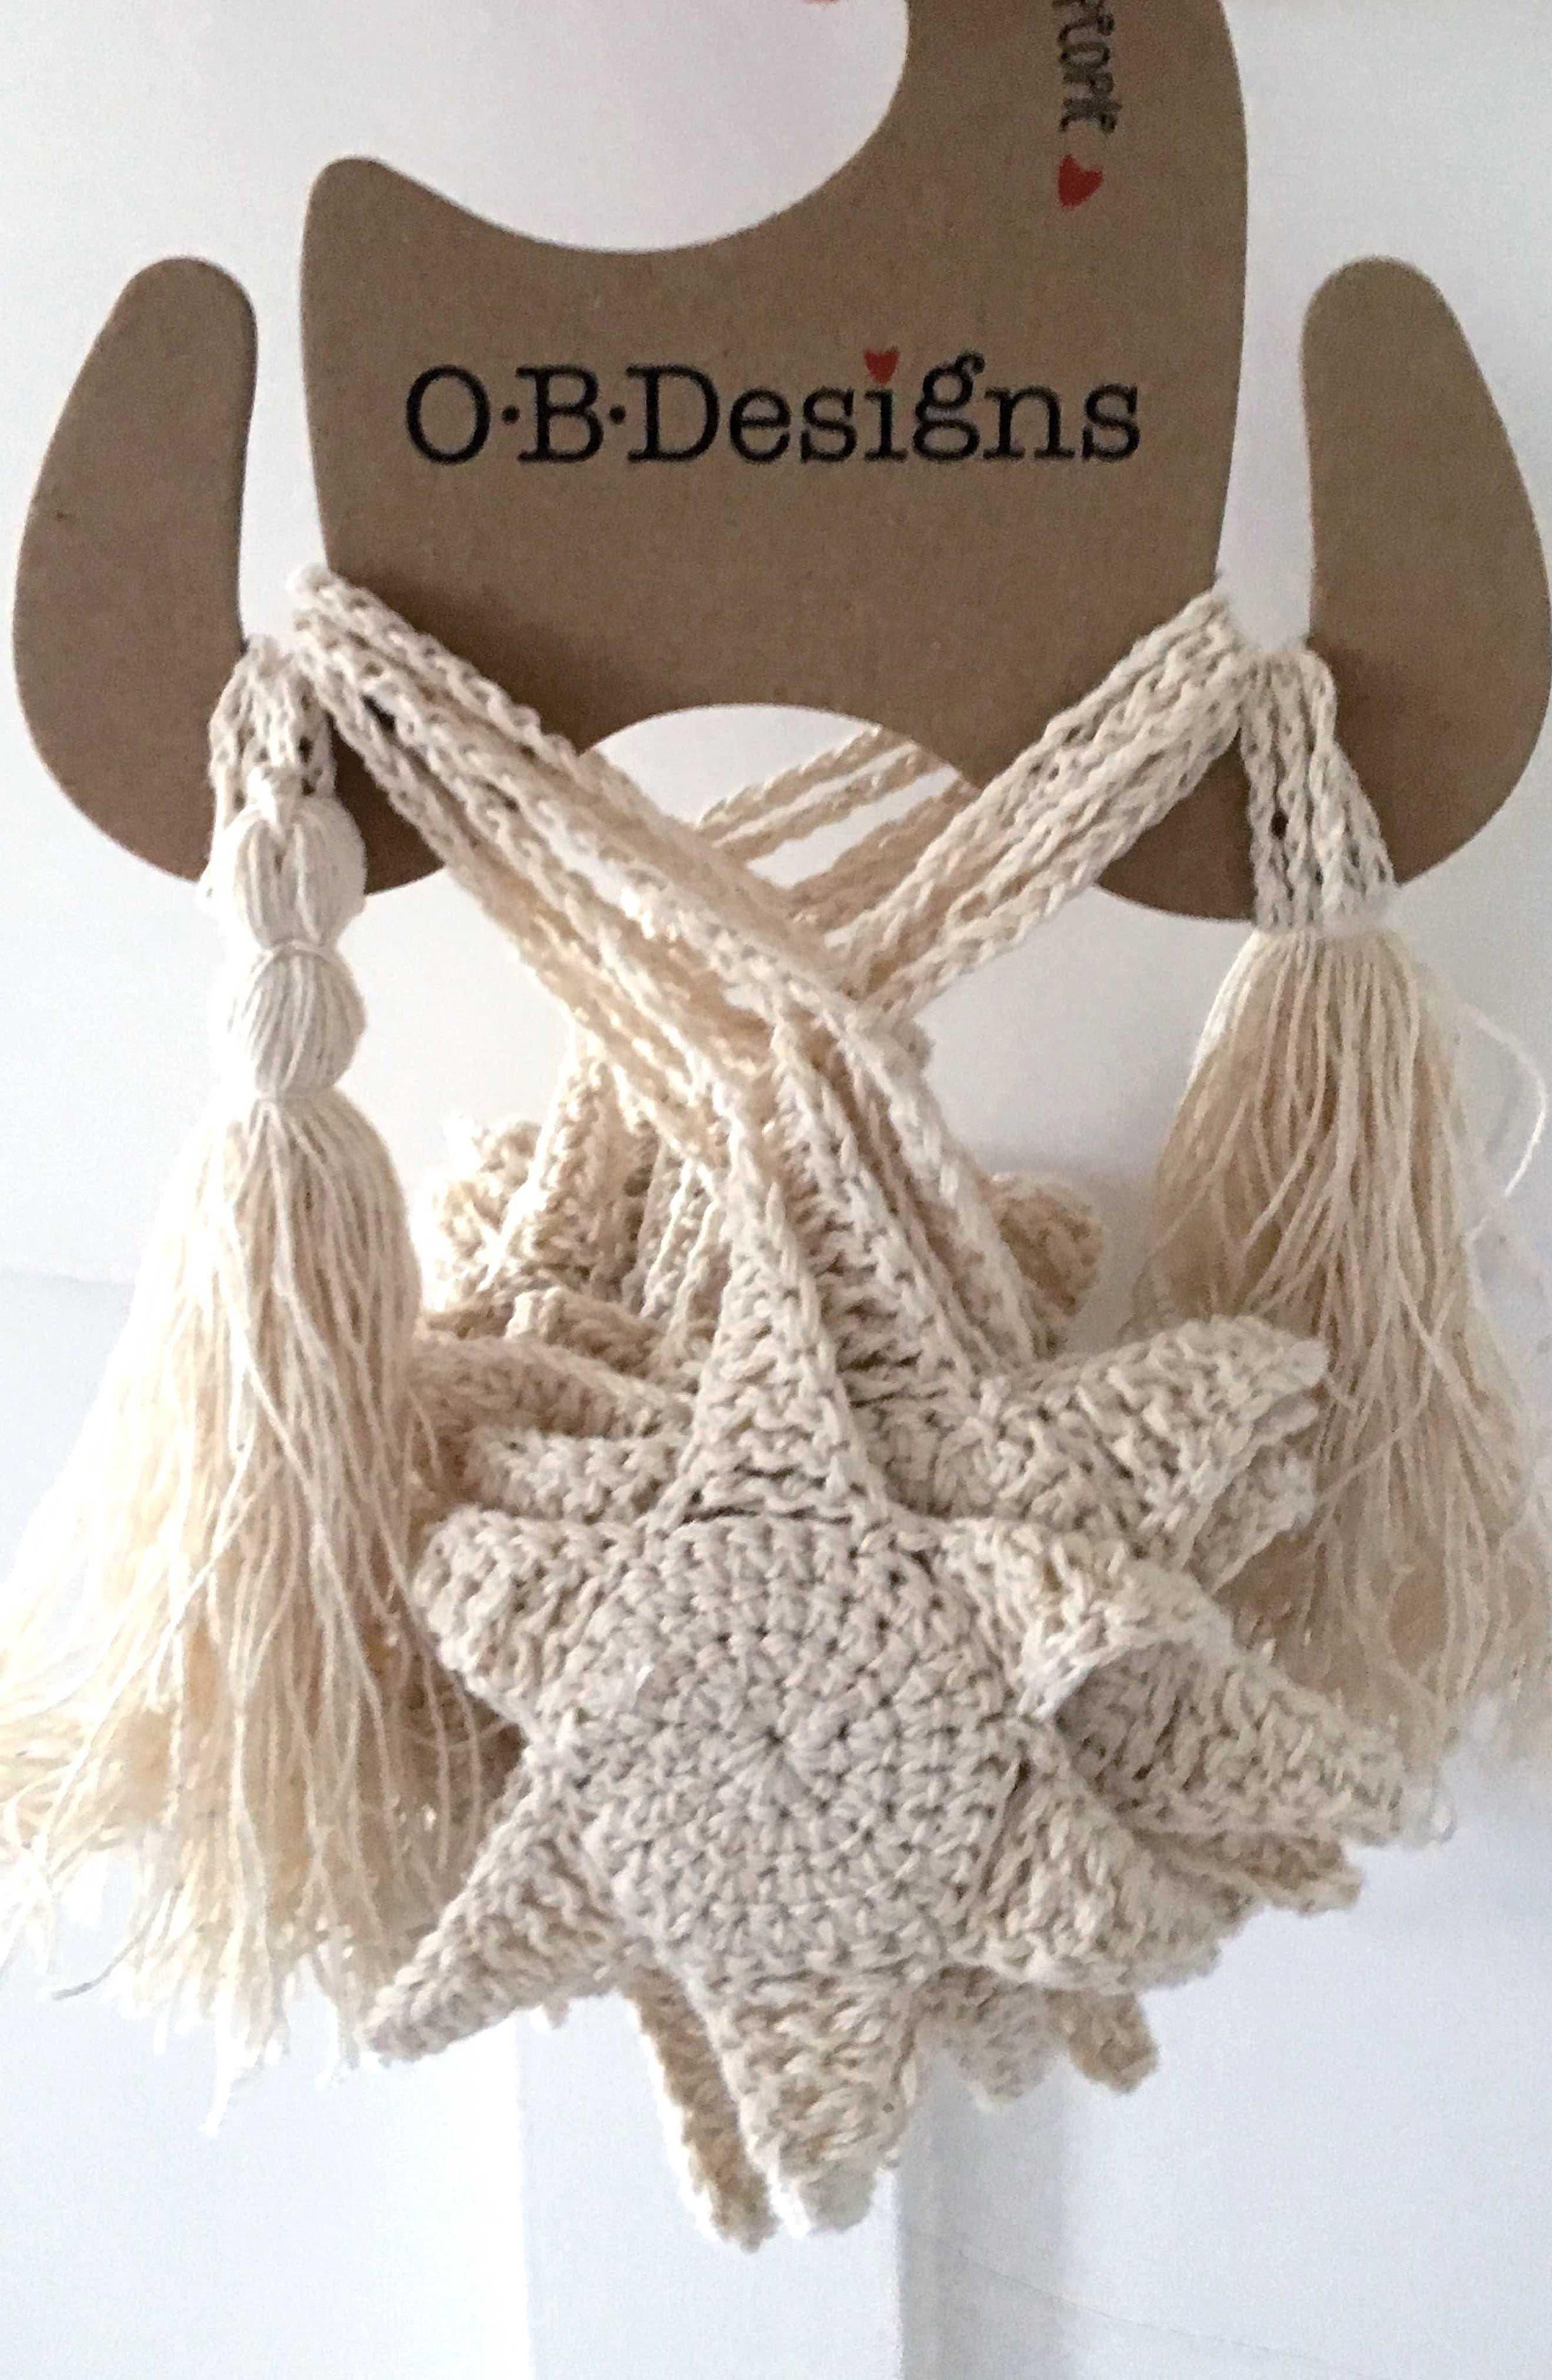 O.B. Designs Crocheted Star Bunting